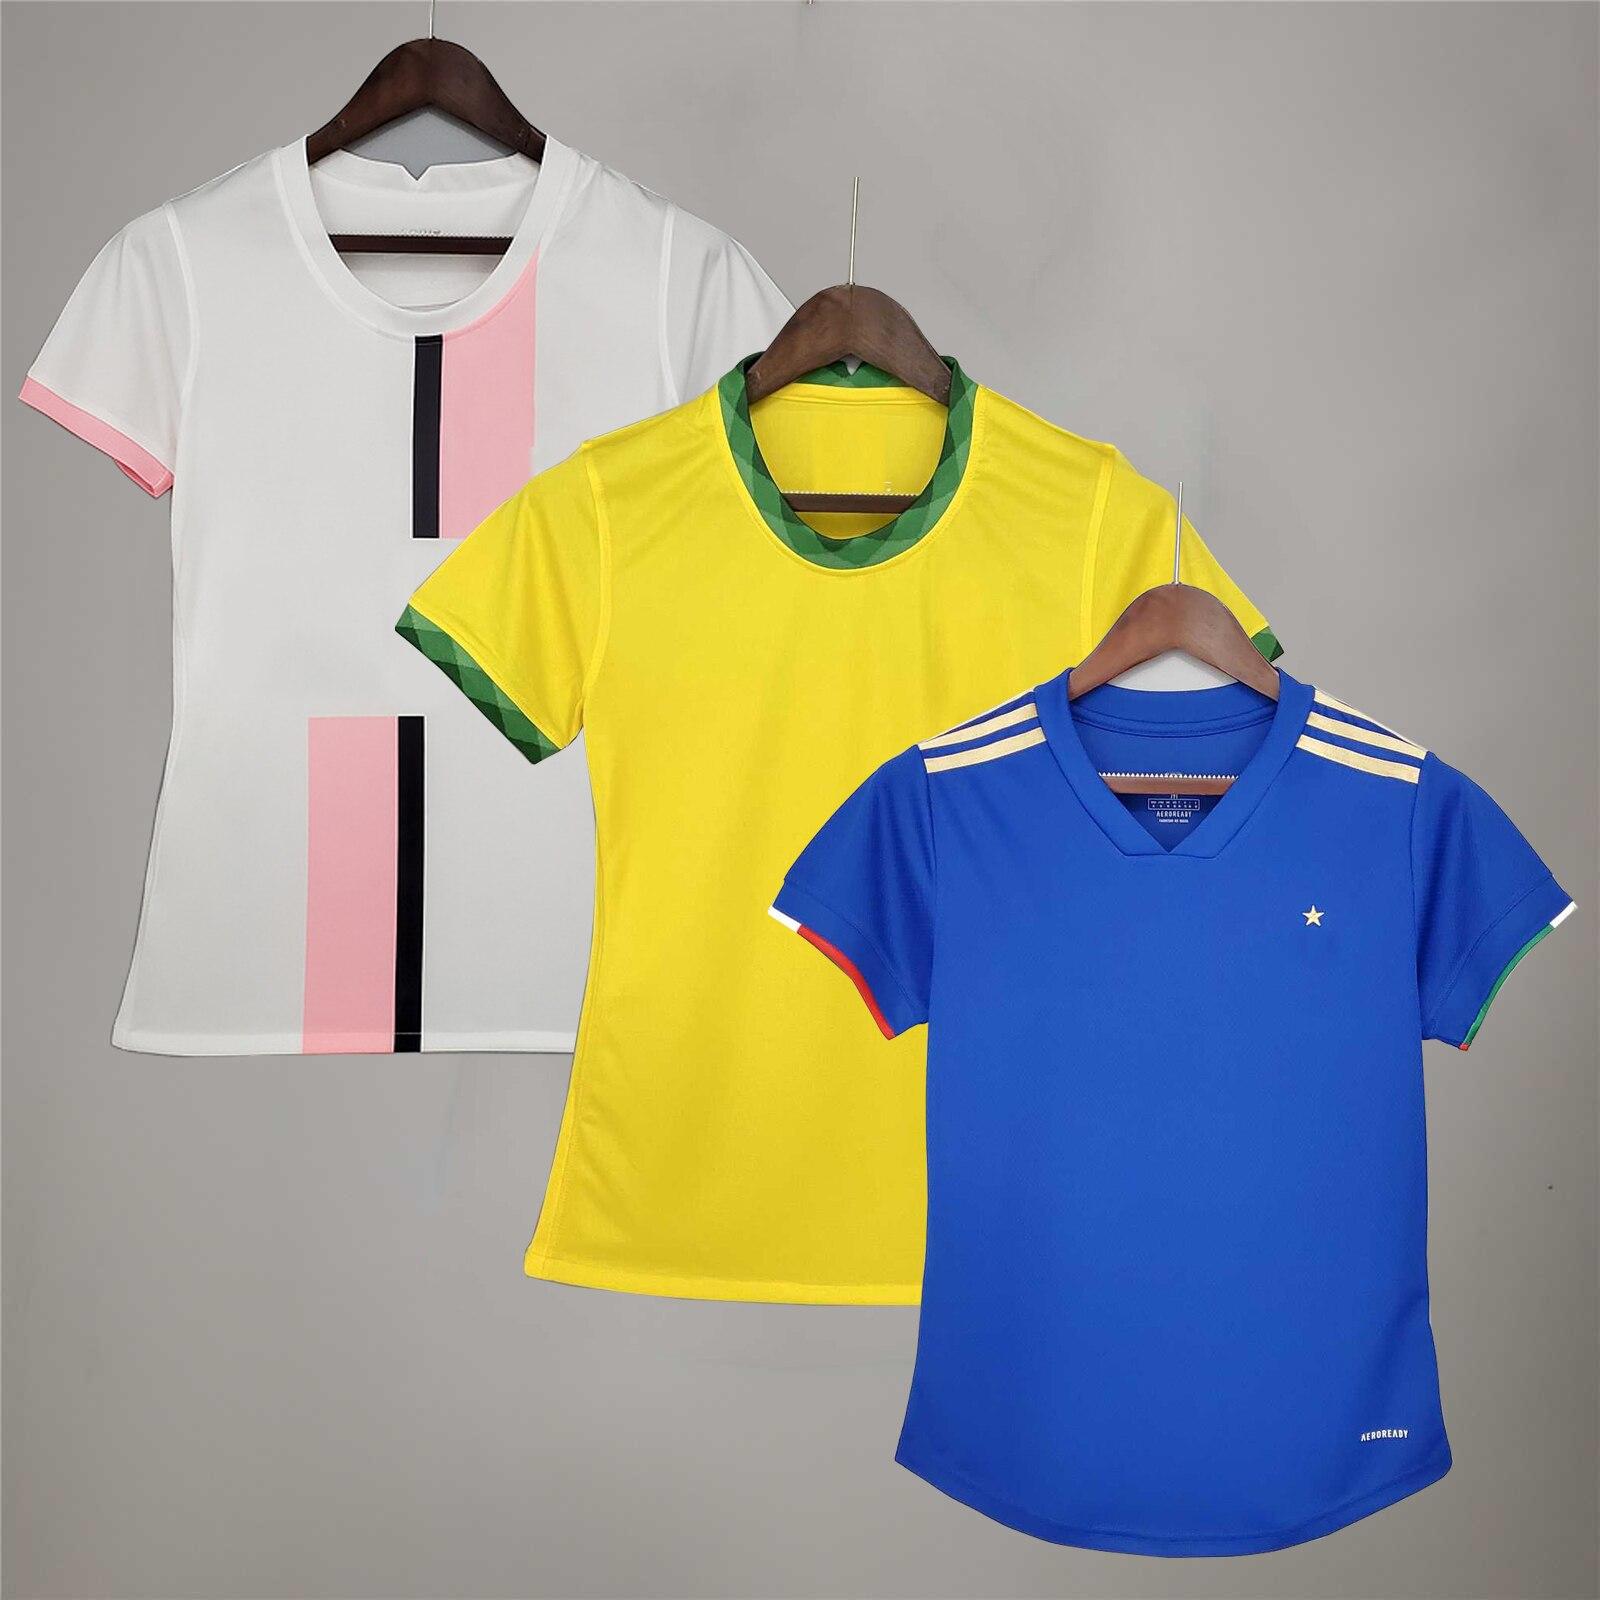 2021, женская футбольная форма без рисунка, высококачественные женские футболки для фанатов, футболки для девочек, женские футболки с именем ...